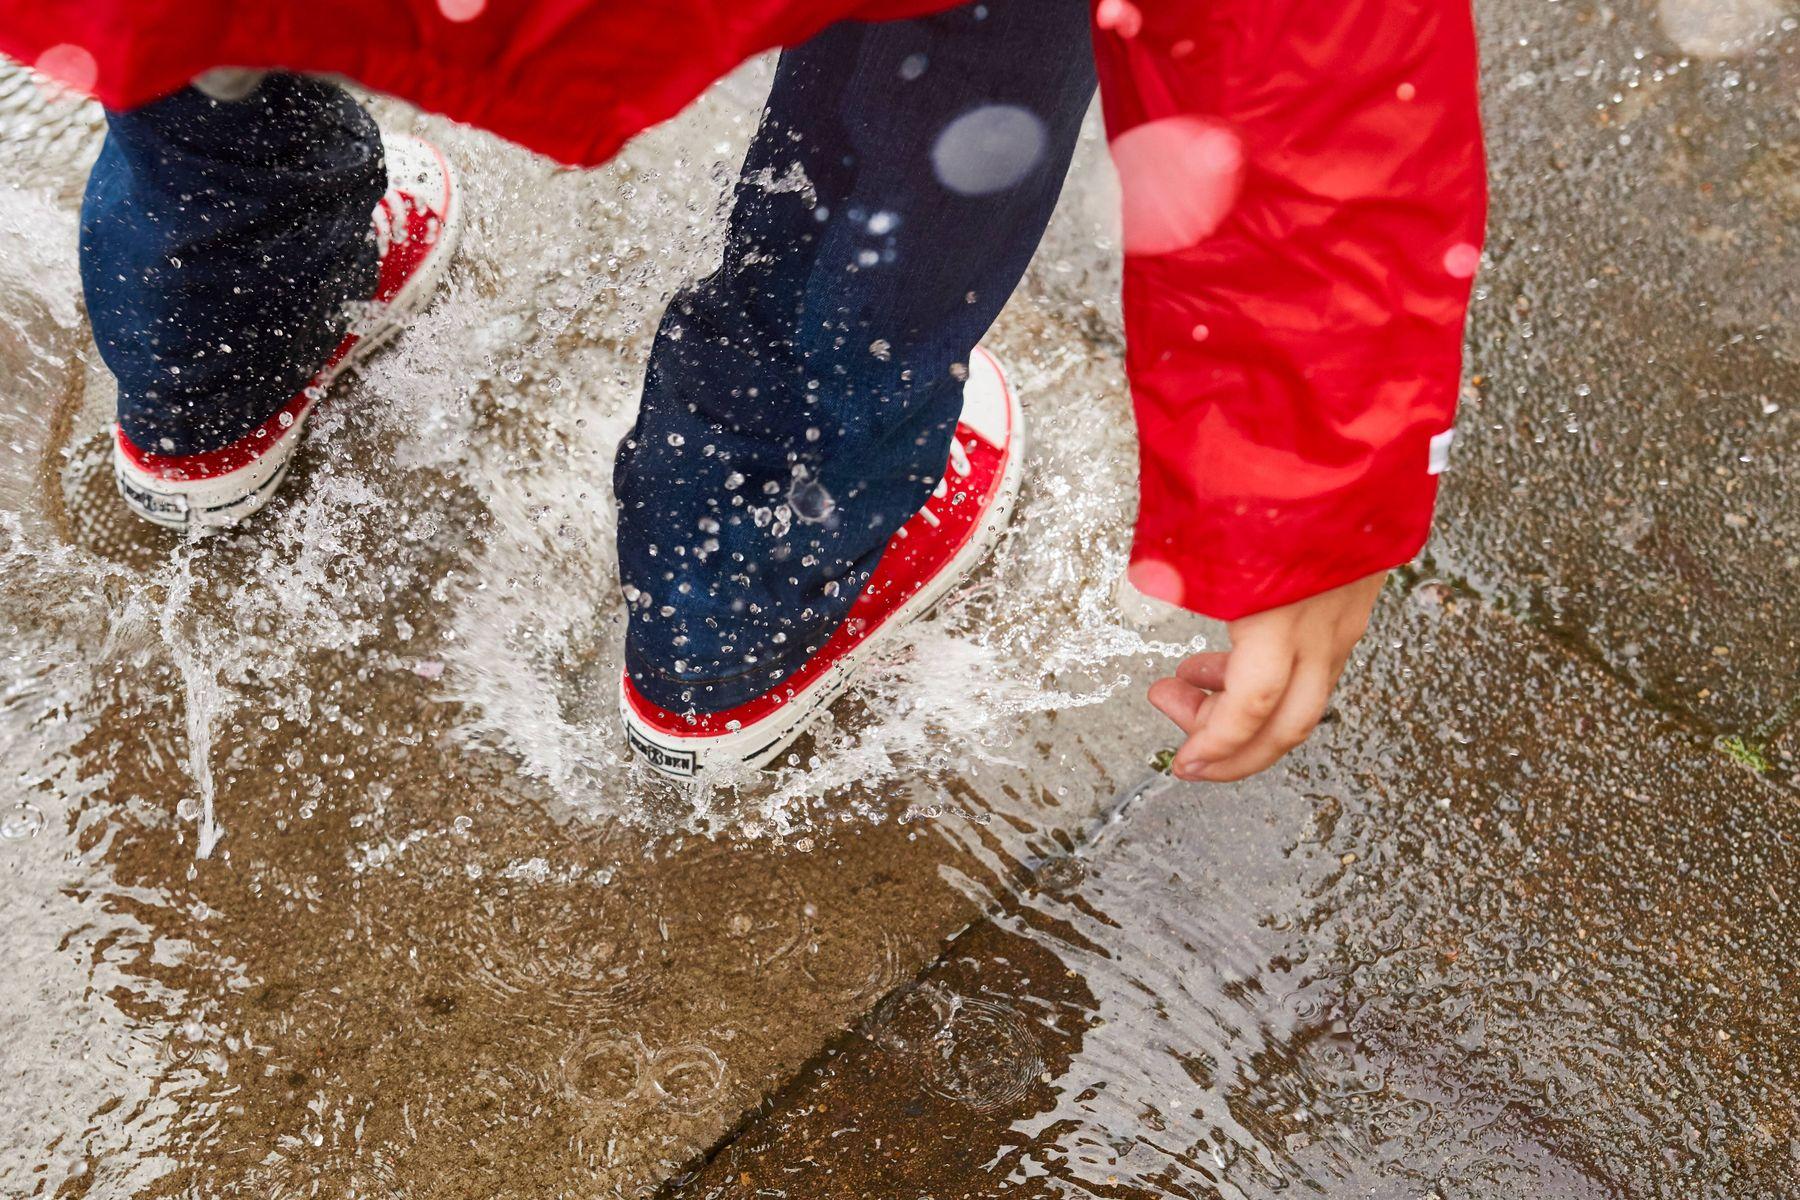 Berjalan dalam hujan dengan memakai sepatu kanvas